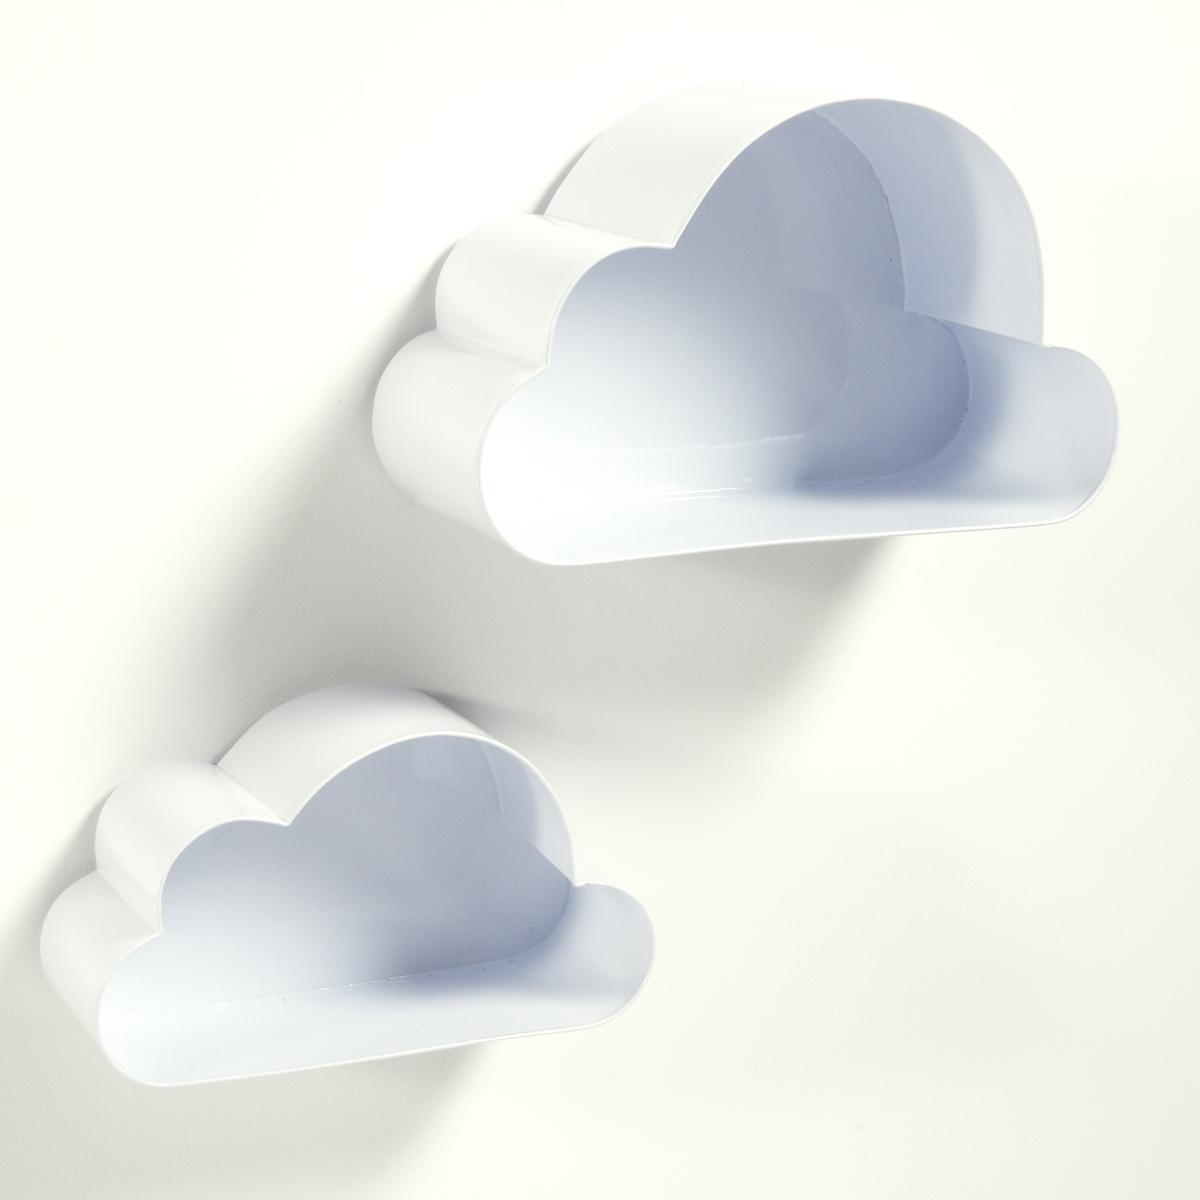 2 полки настенные в форме облака, Spacielle 2 полки настенные sonale